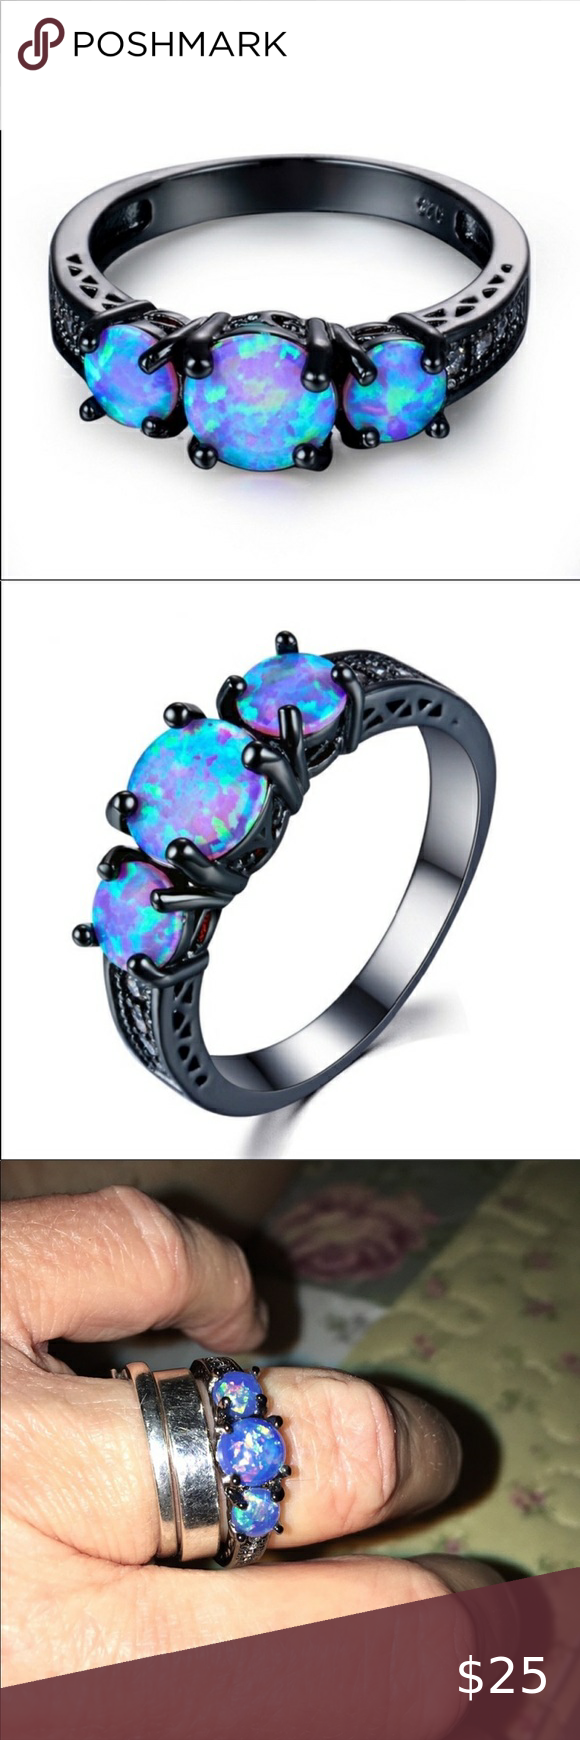 Blue Fire Opal Greek Key Design 925 Sterling Silver Ring Sizes 4 10 925 Sterling Silver Ring Greek Ring Rings